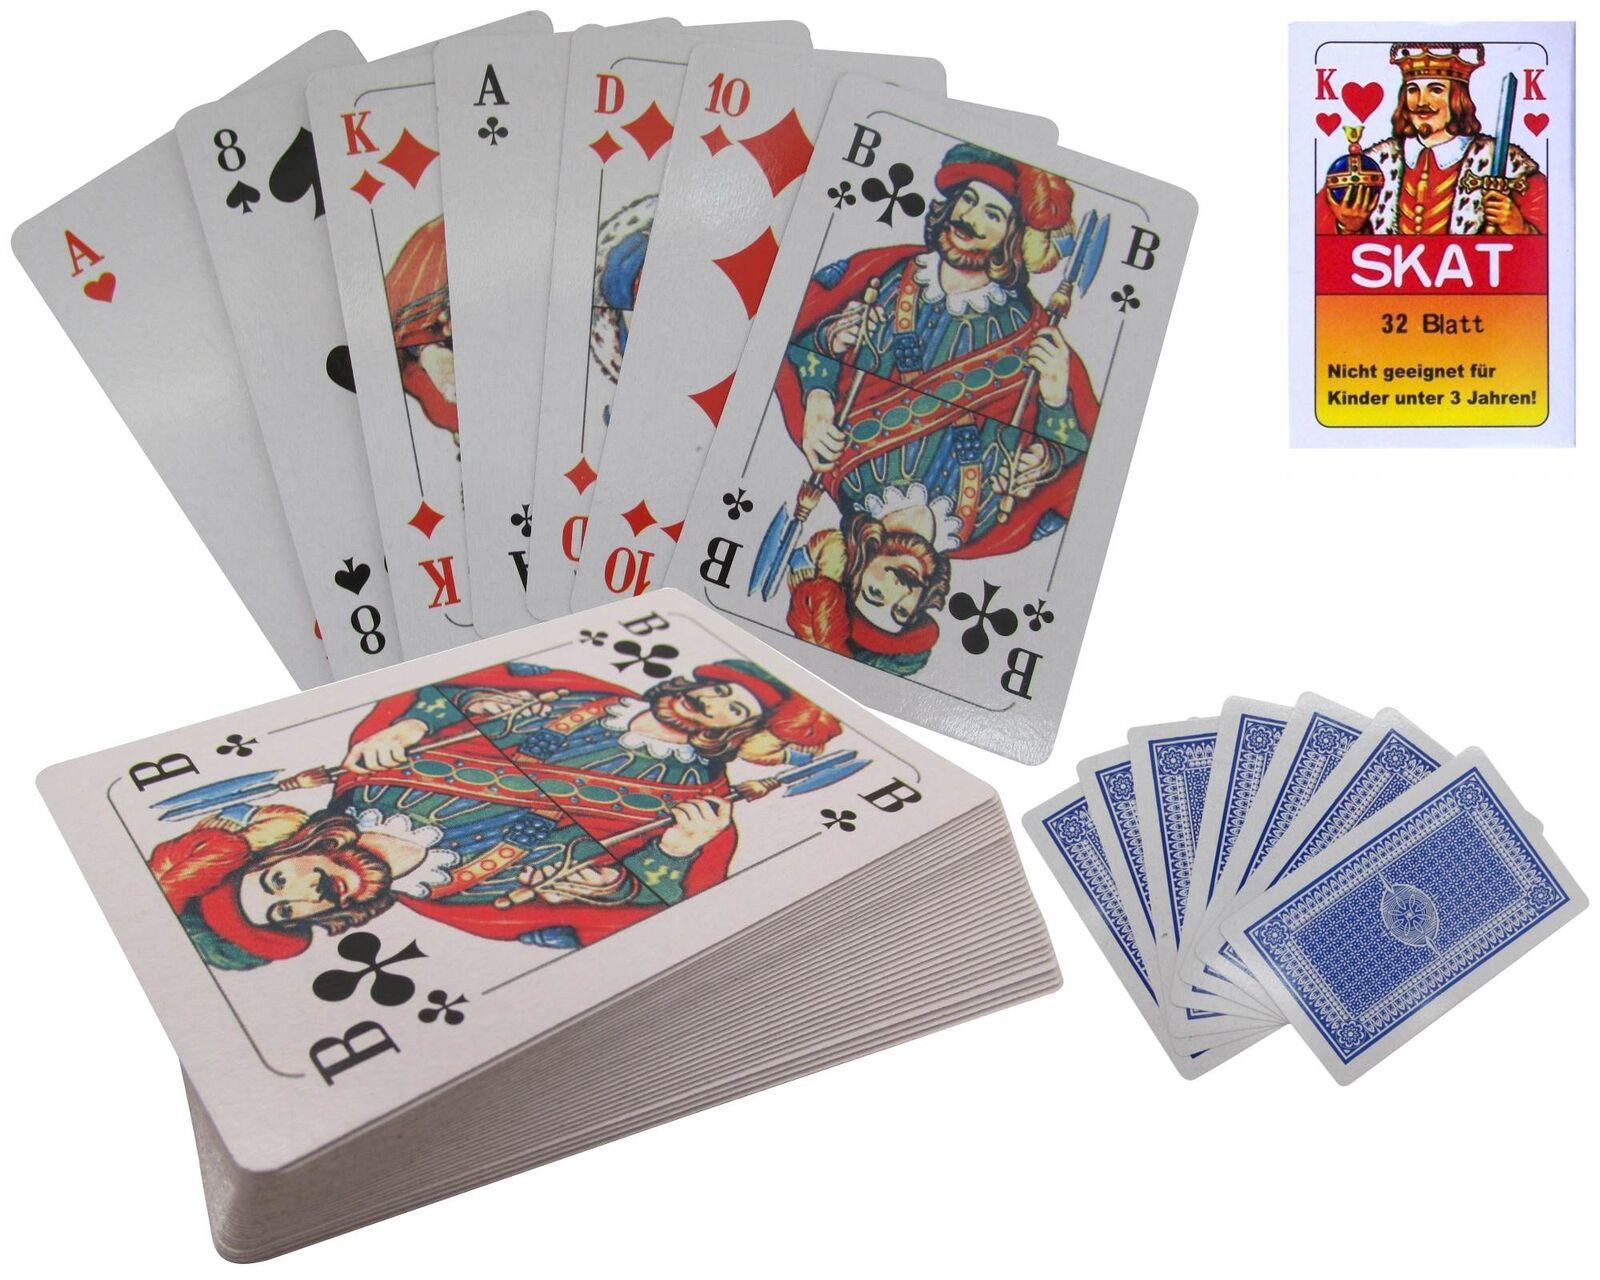 Skatkarten Skatkarten Skatkarten Skat 32 Blatt Französisches Spielkarten Deck Kartenspiel Skatspiel 1c0059